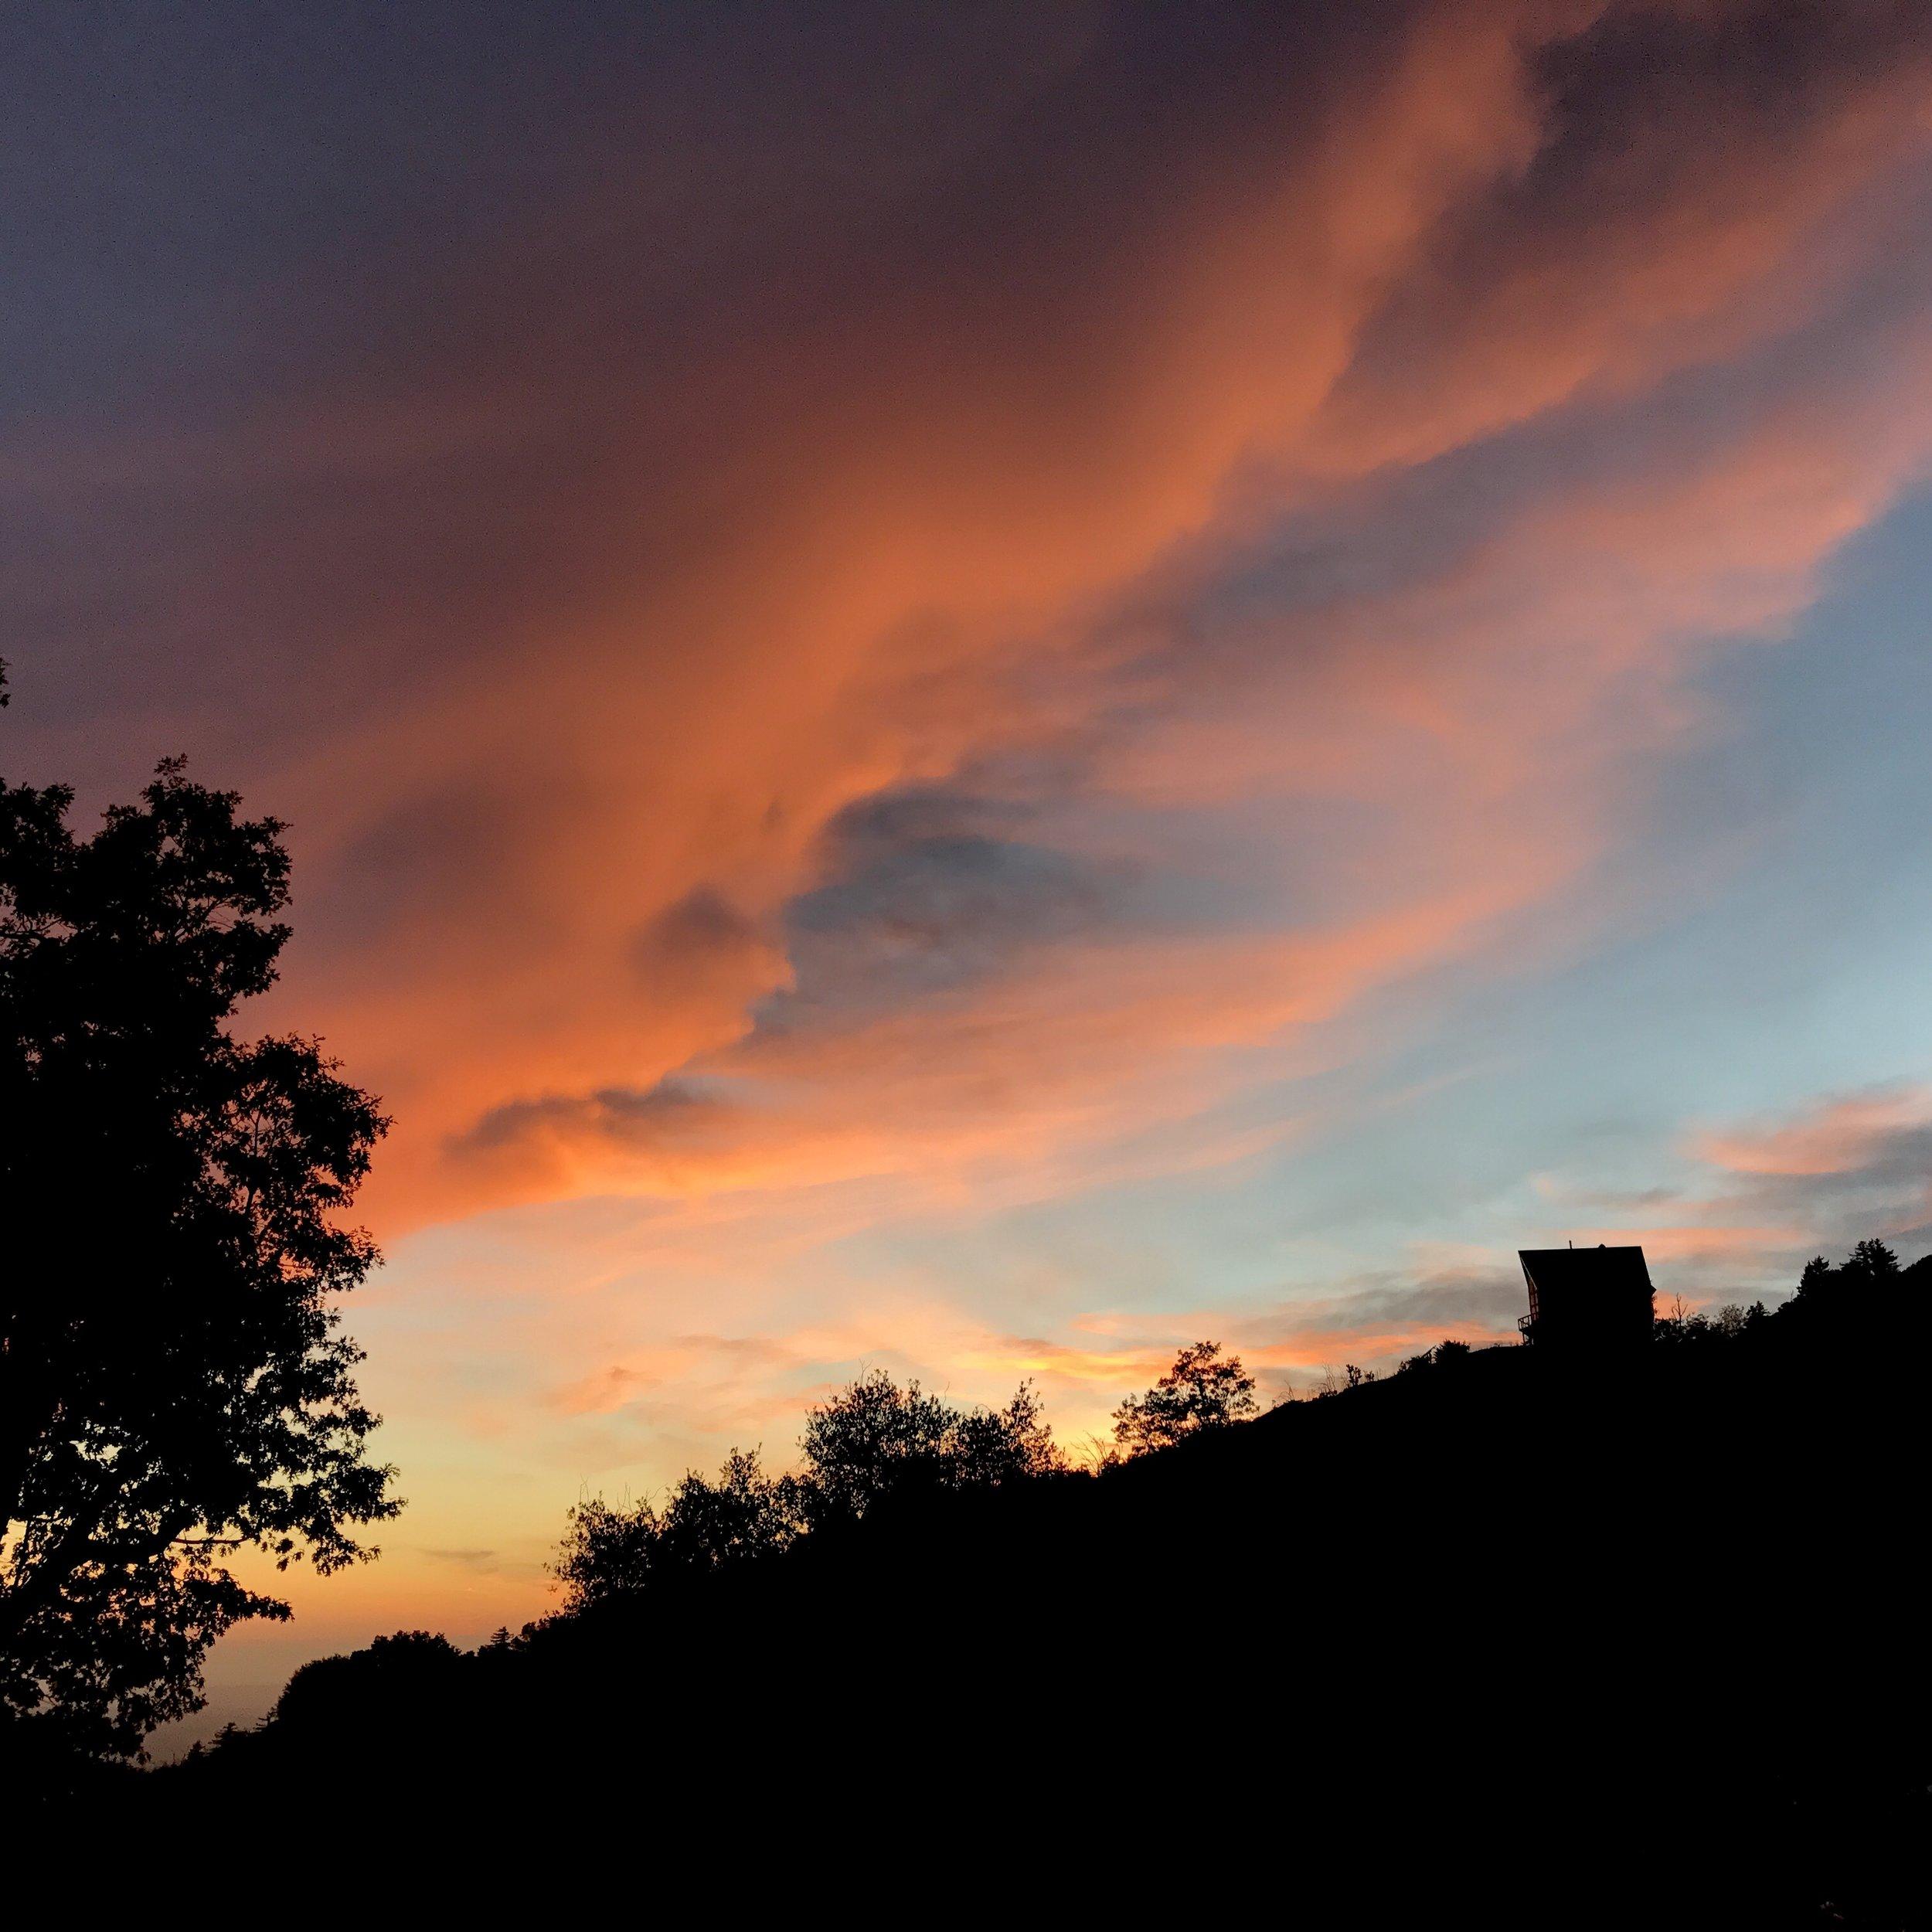 Sunset on Palomar Mountain